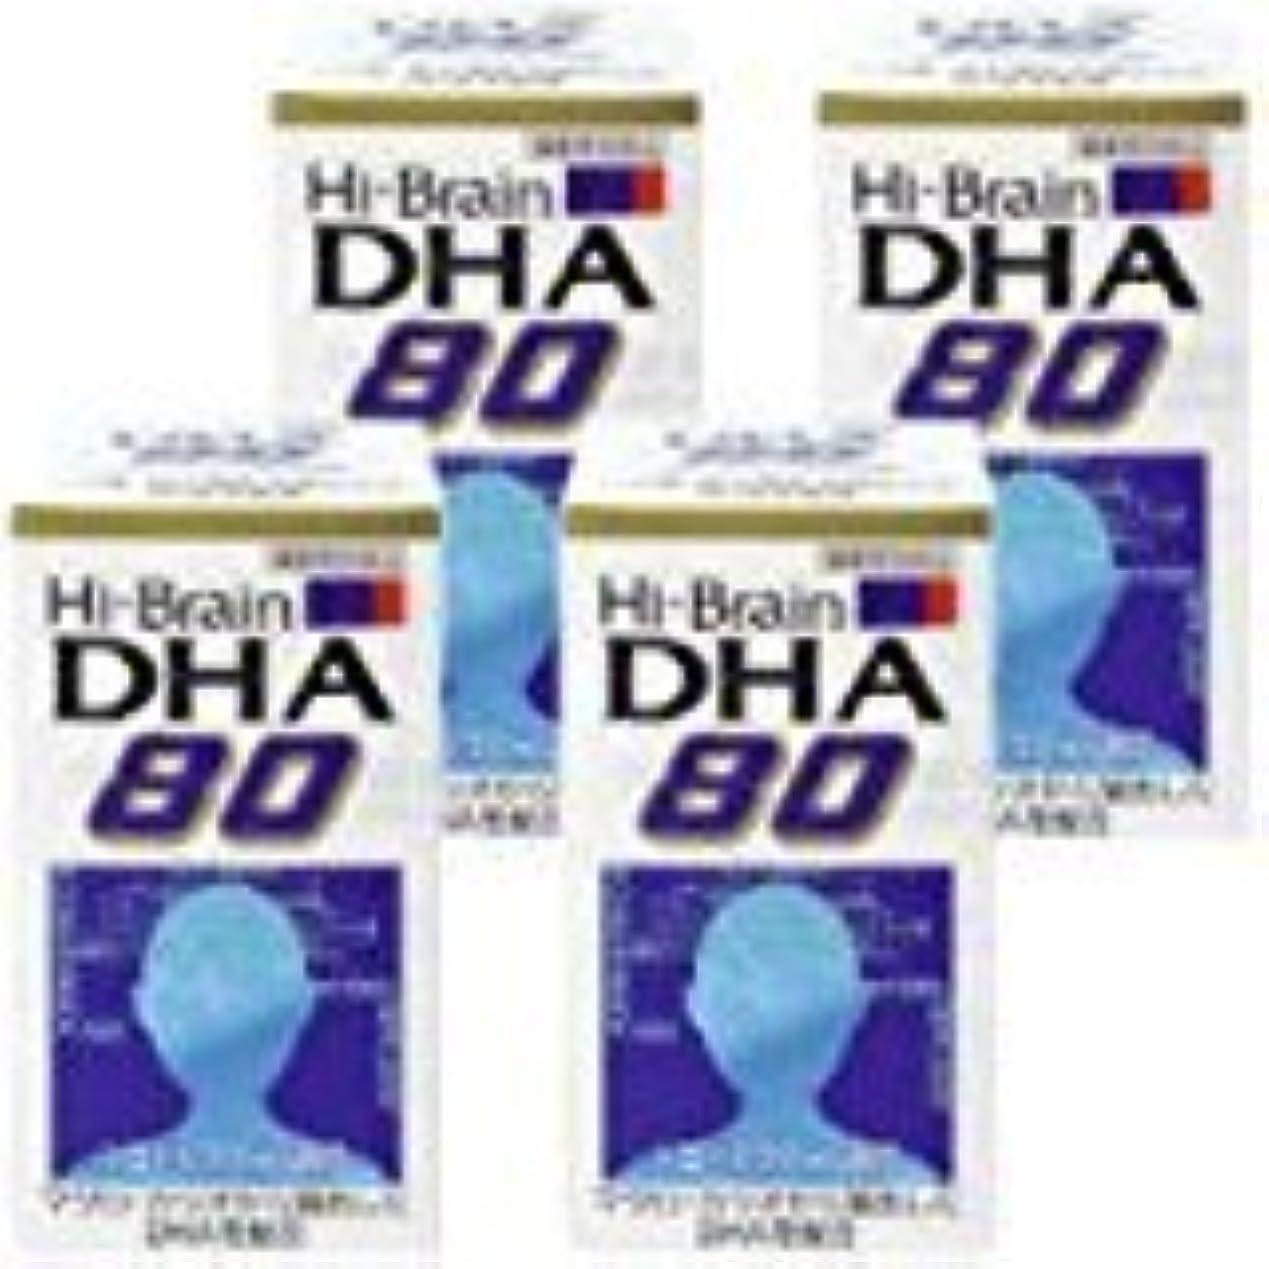 迷惑クラス免疫するハイブレーンDHA80 4個